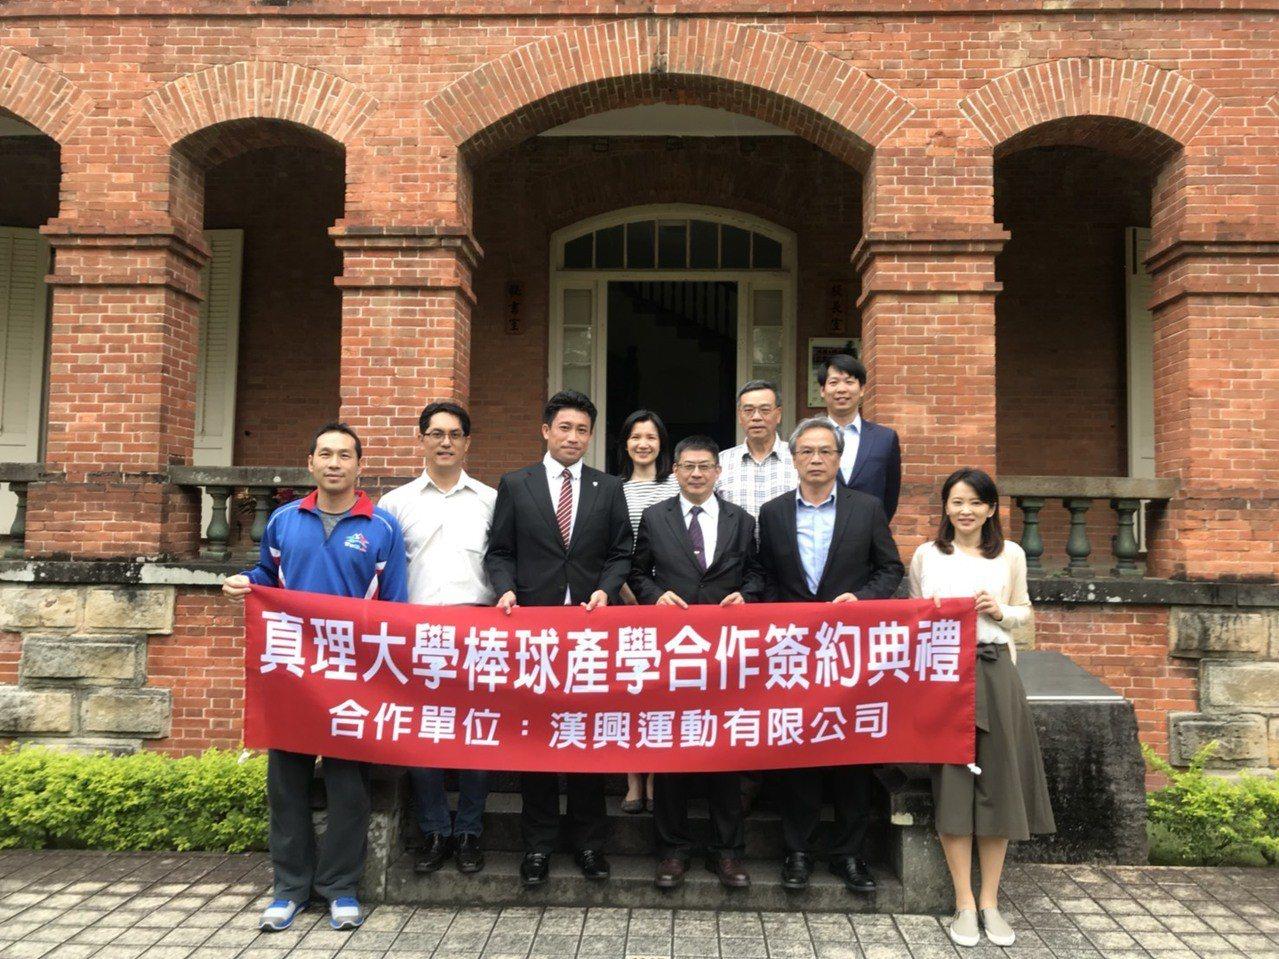 真理大學與漢興運動有限公司進行產學合作。圖/真理大學提供